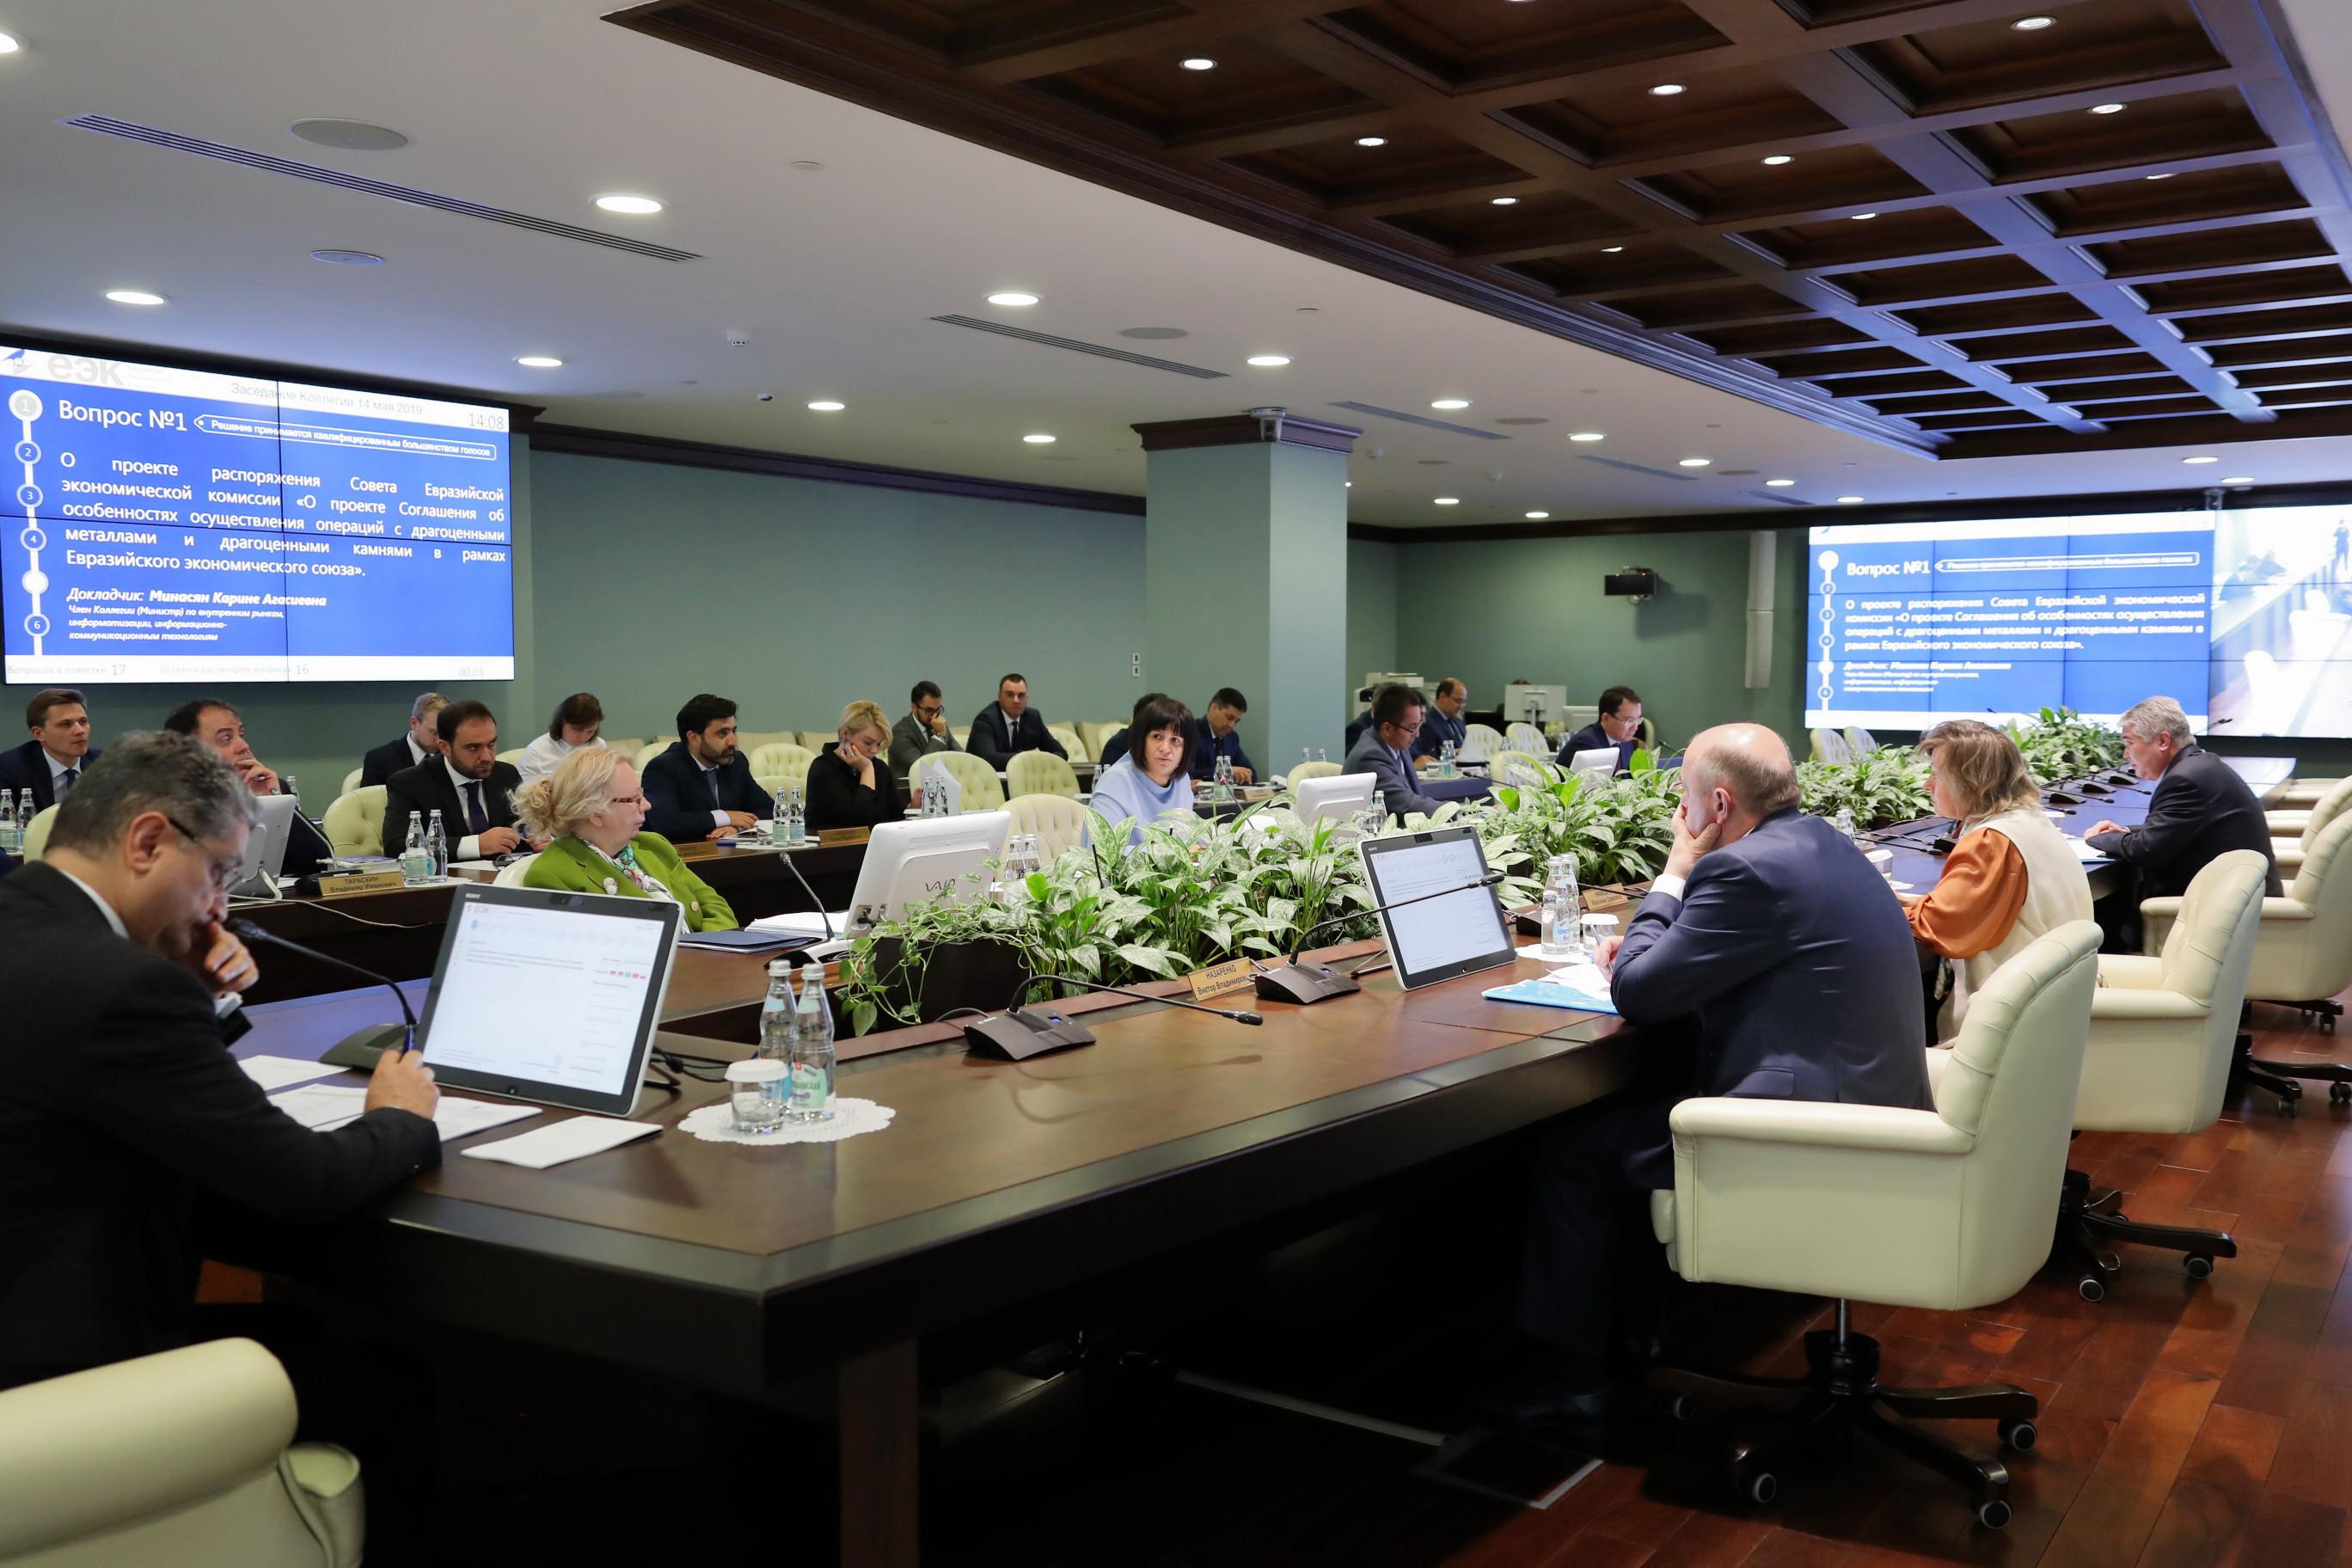 20.05.2019 В ЕАЭС будет реализован проект «Евразийская сеть промышленной кооперации, субконтрактации и трансфера технологий»